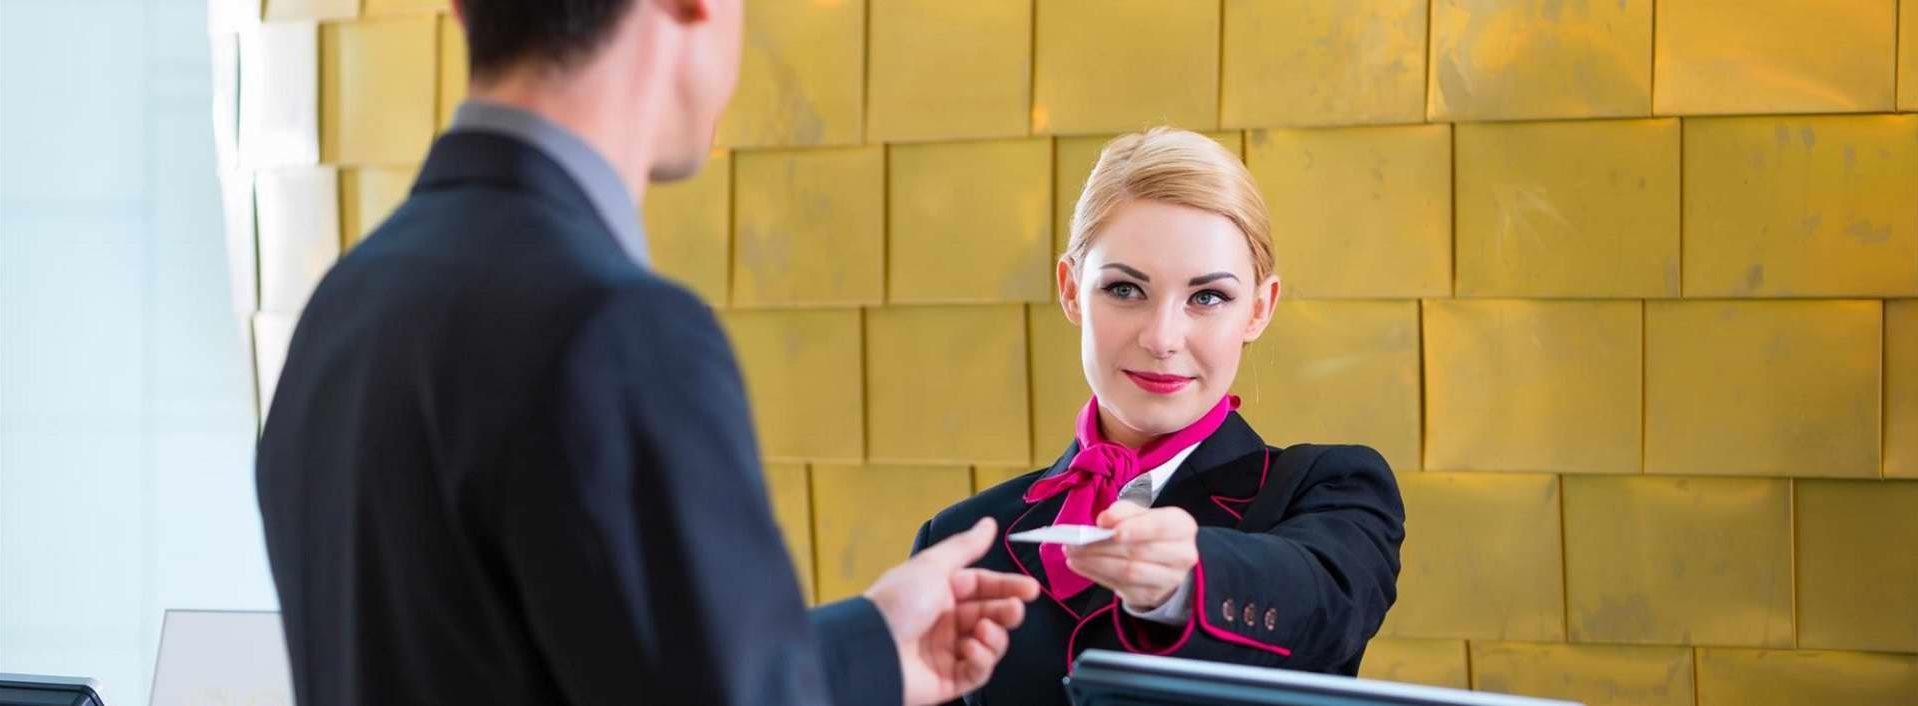 Anifor - Devenir Chef Concierge dans un hotel de Luxe 1920x706